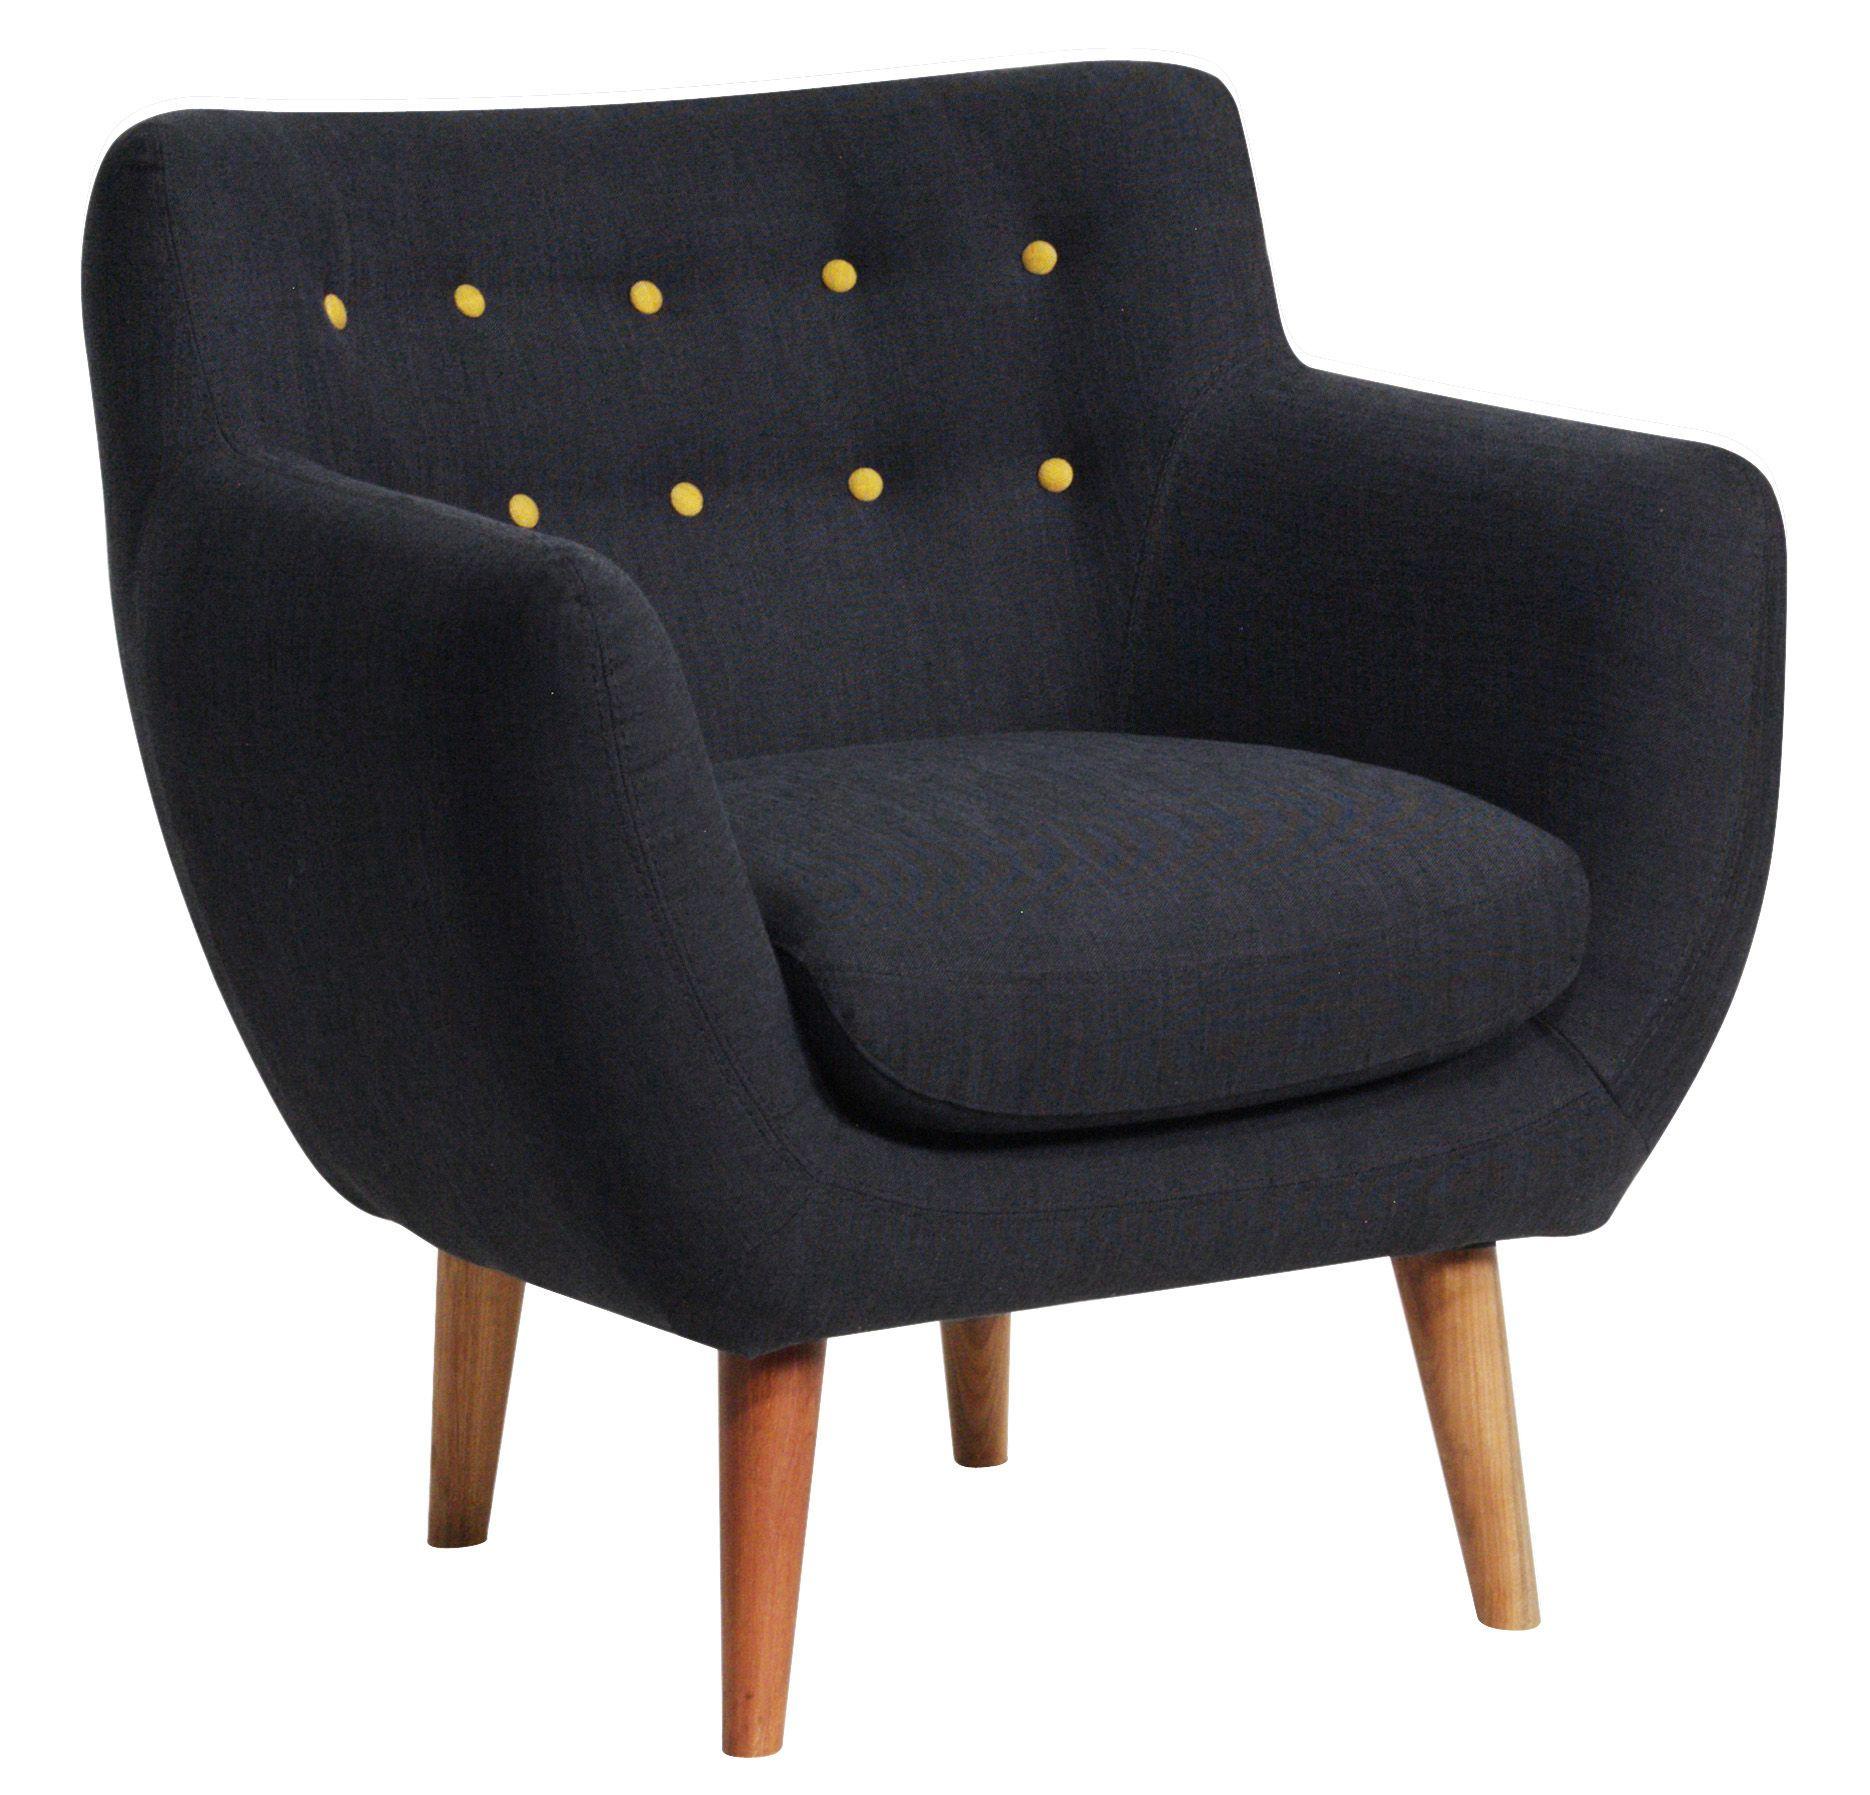 fauteuil rembourr coogee sentou edition d clinaison noir de jais boutons jaune citron. Black Bedroom Furniture Sets. Home Design Ideas